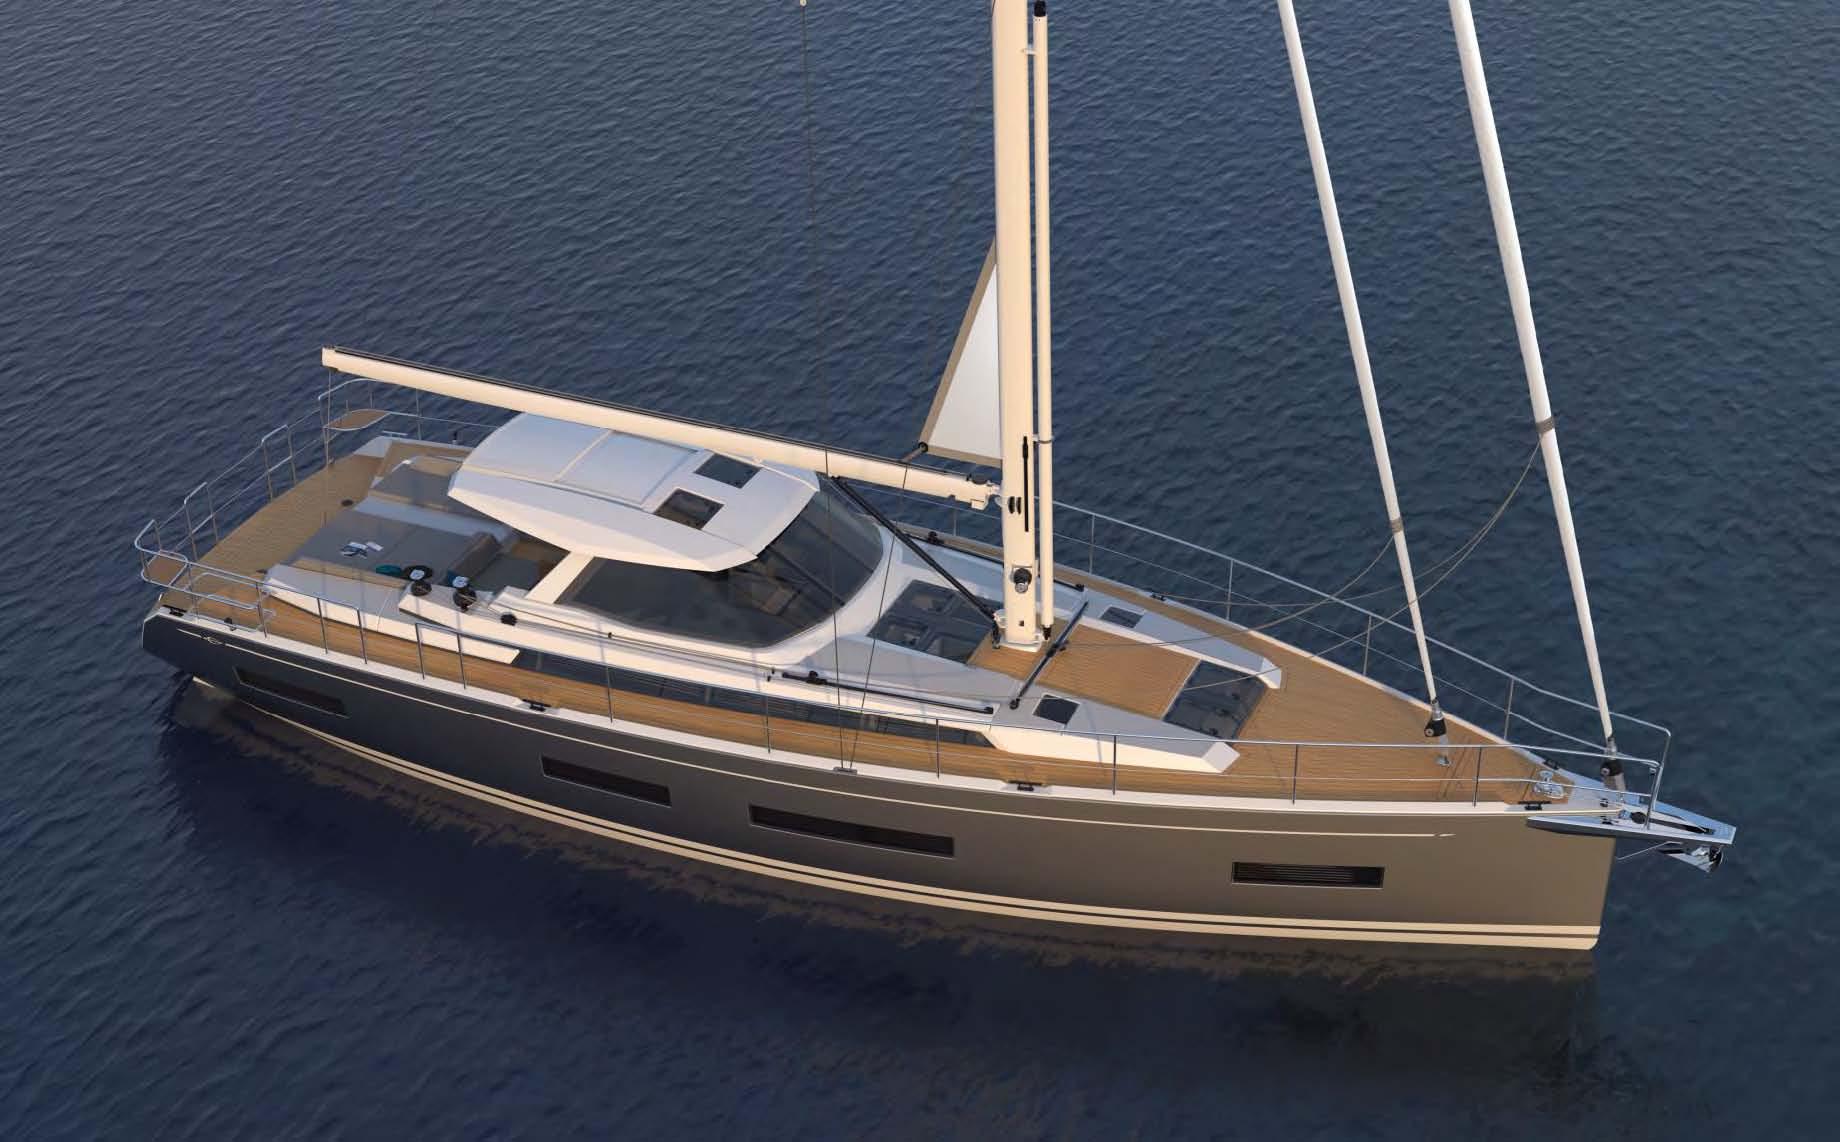 Amel 50 introduced - boats com